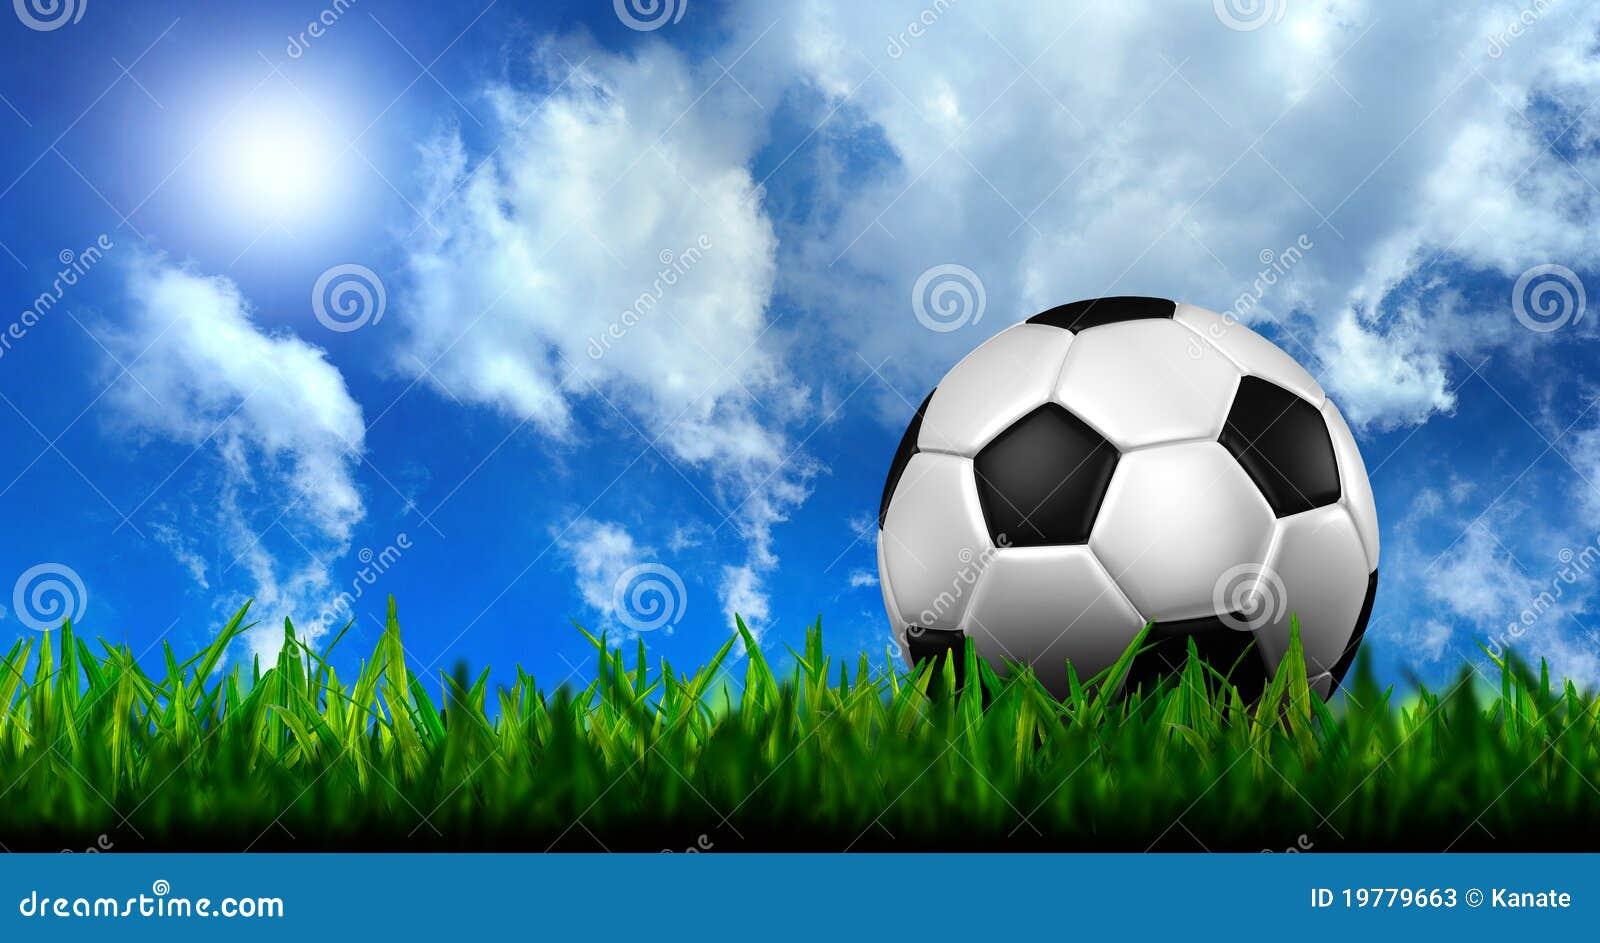 Football In Green Grass Over A Blue Sky Stock Photos ...